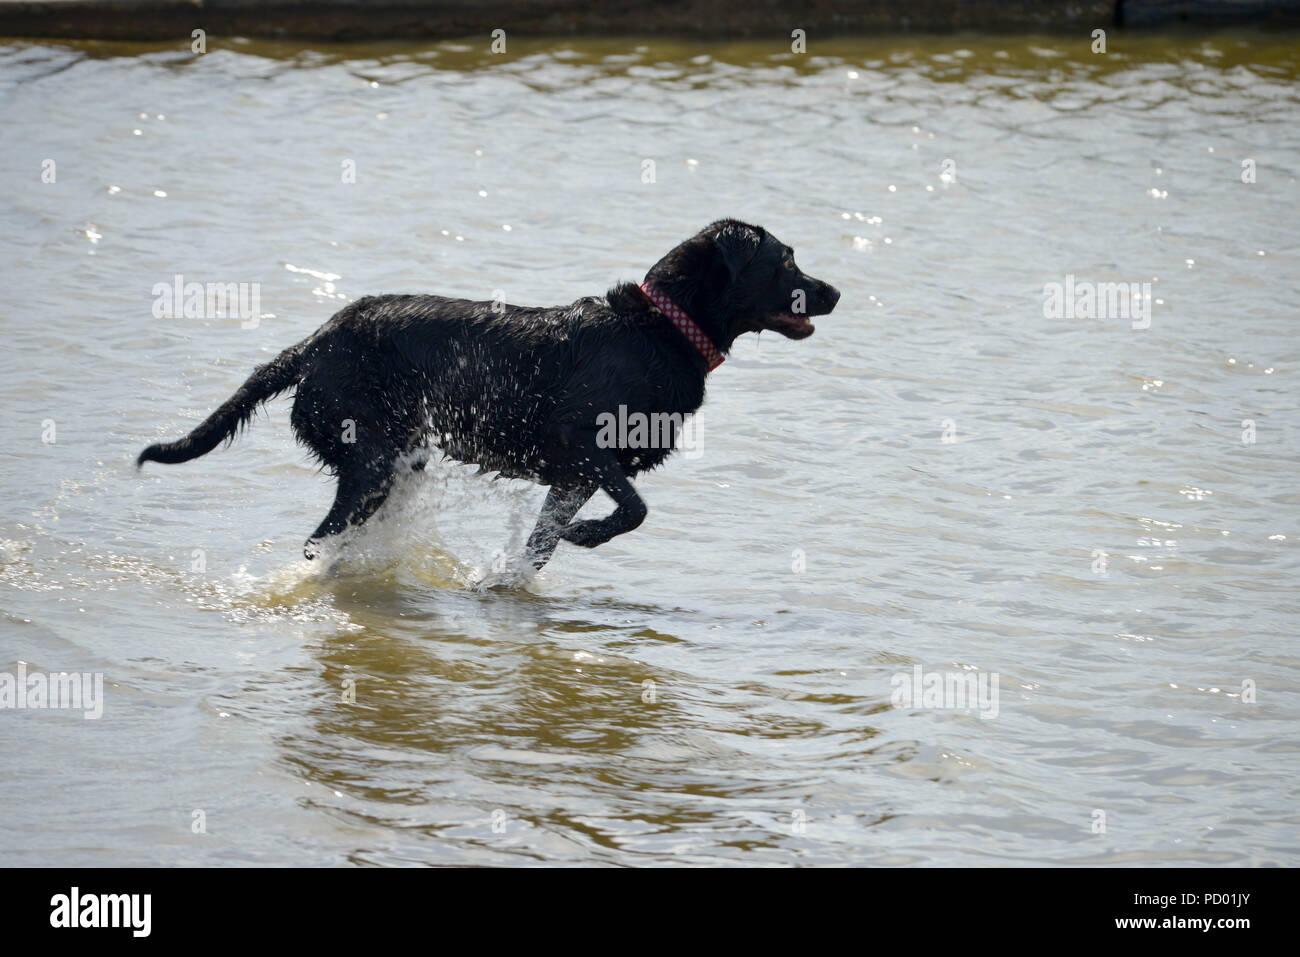 Dog making a splash in lake Stock Photo